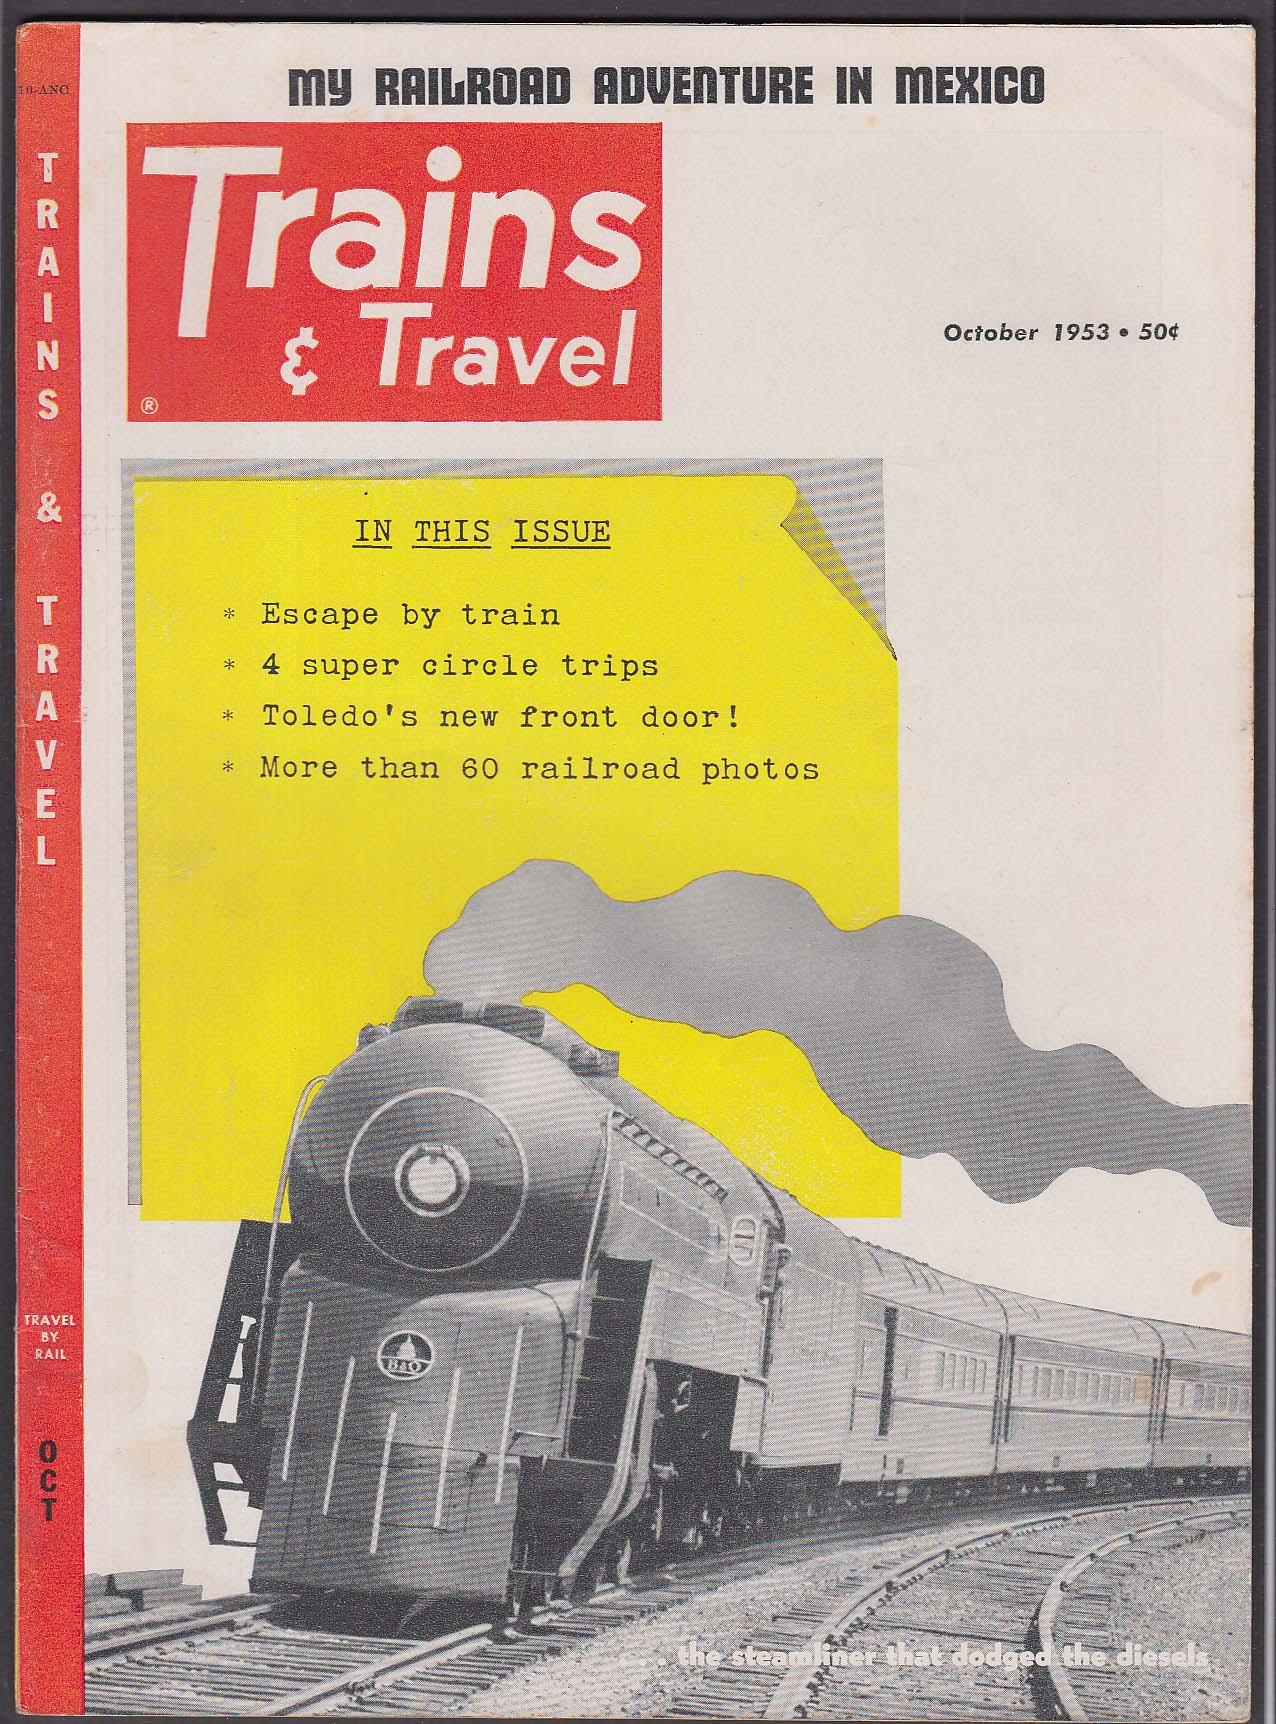 TRAINS & TRAVEL Cleveland Toledo Mexico B&O California Zephyr + 10 1953